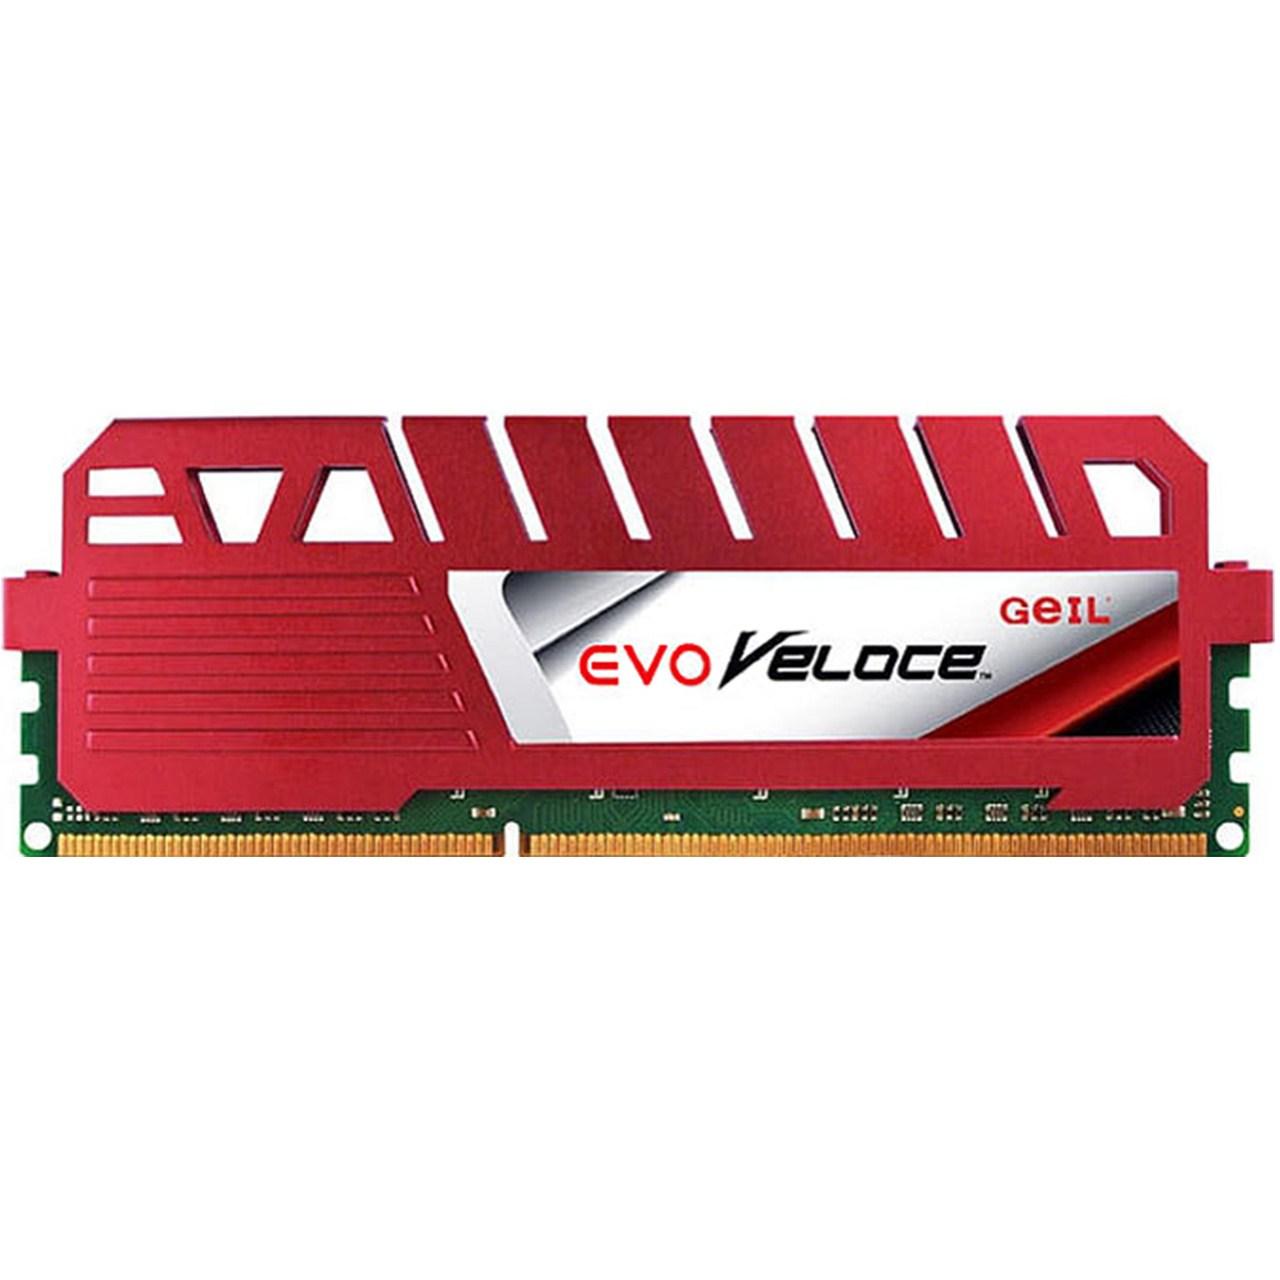 رم دسکتاپ DDR3 تک کاناله 1600 مگاهرتز CL11 گیل مدل Evo Veloce ظرفیت 4 گیگابایت